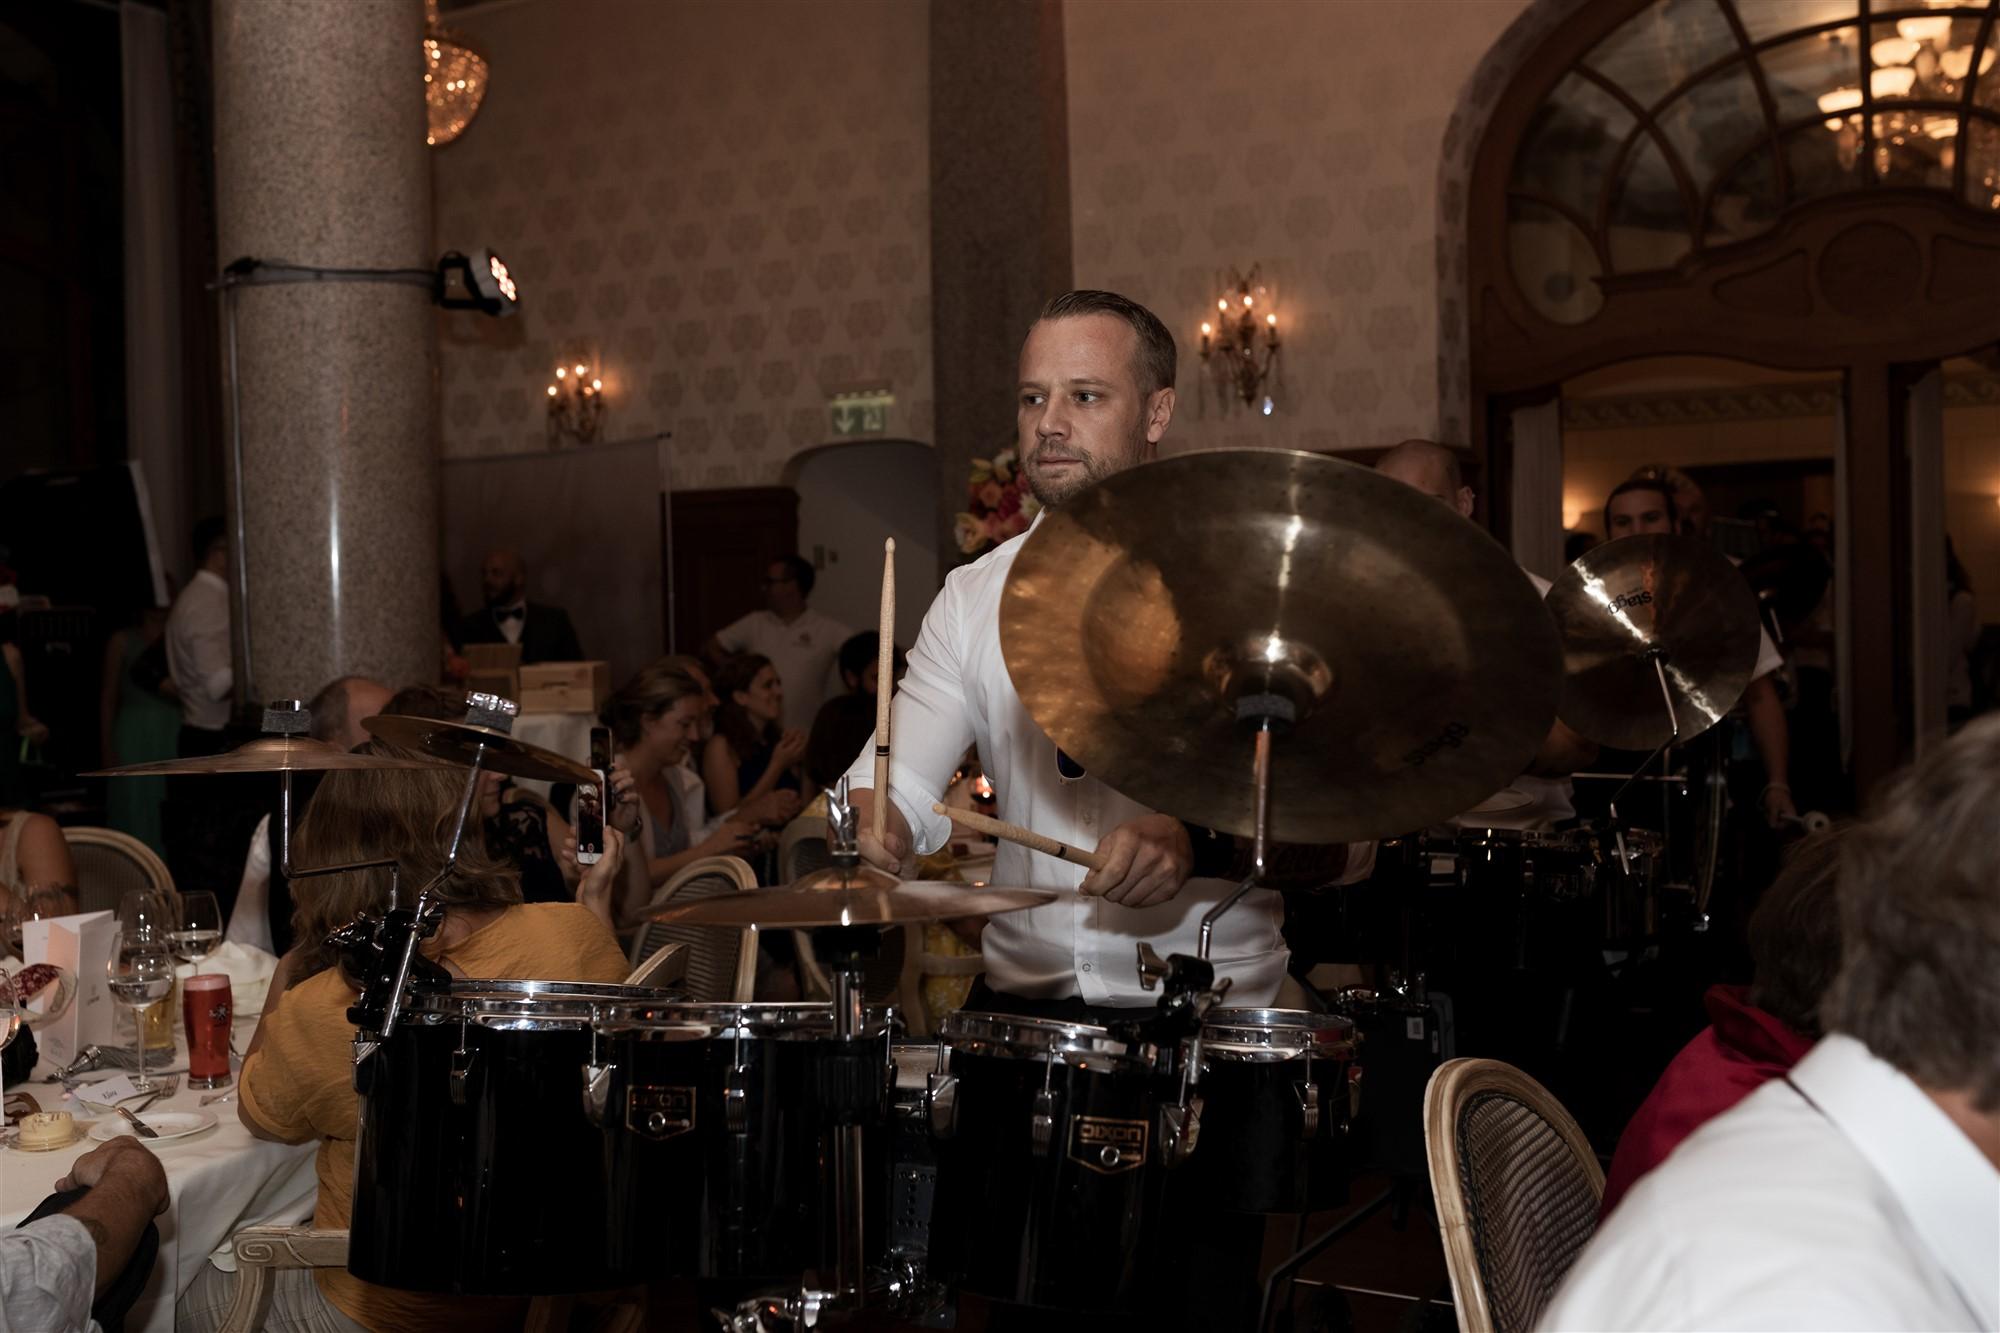 Das Hochzeitsfest im Grand Hotel Les Trois Rois - Location - Guggemusig - Hochzeitsfotograf Basel